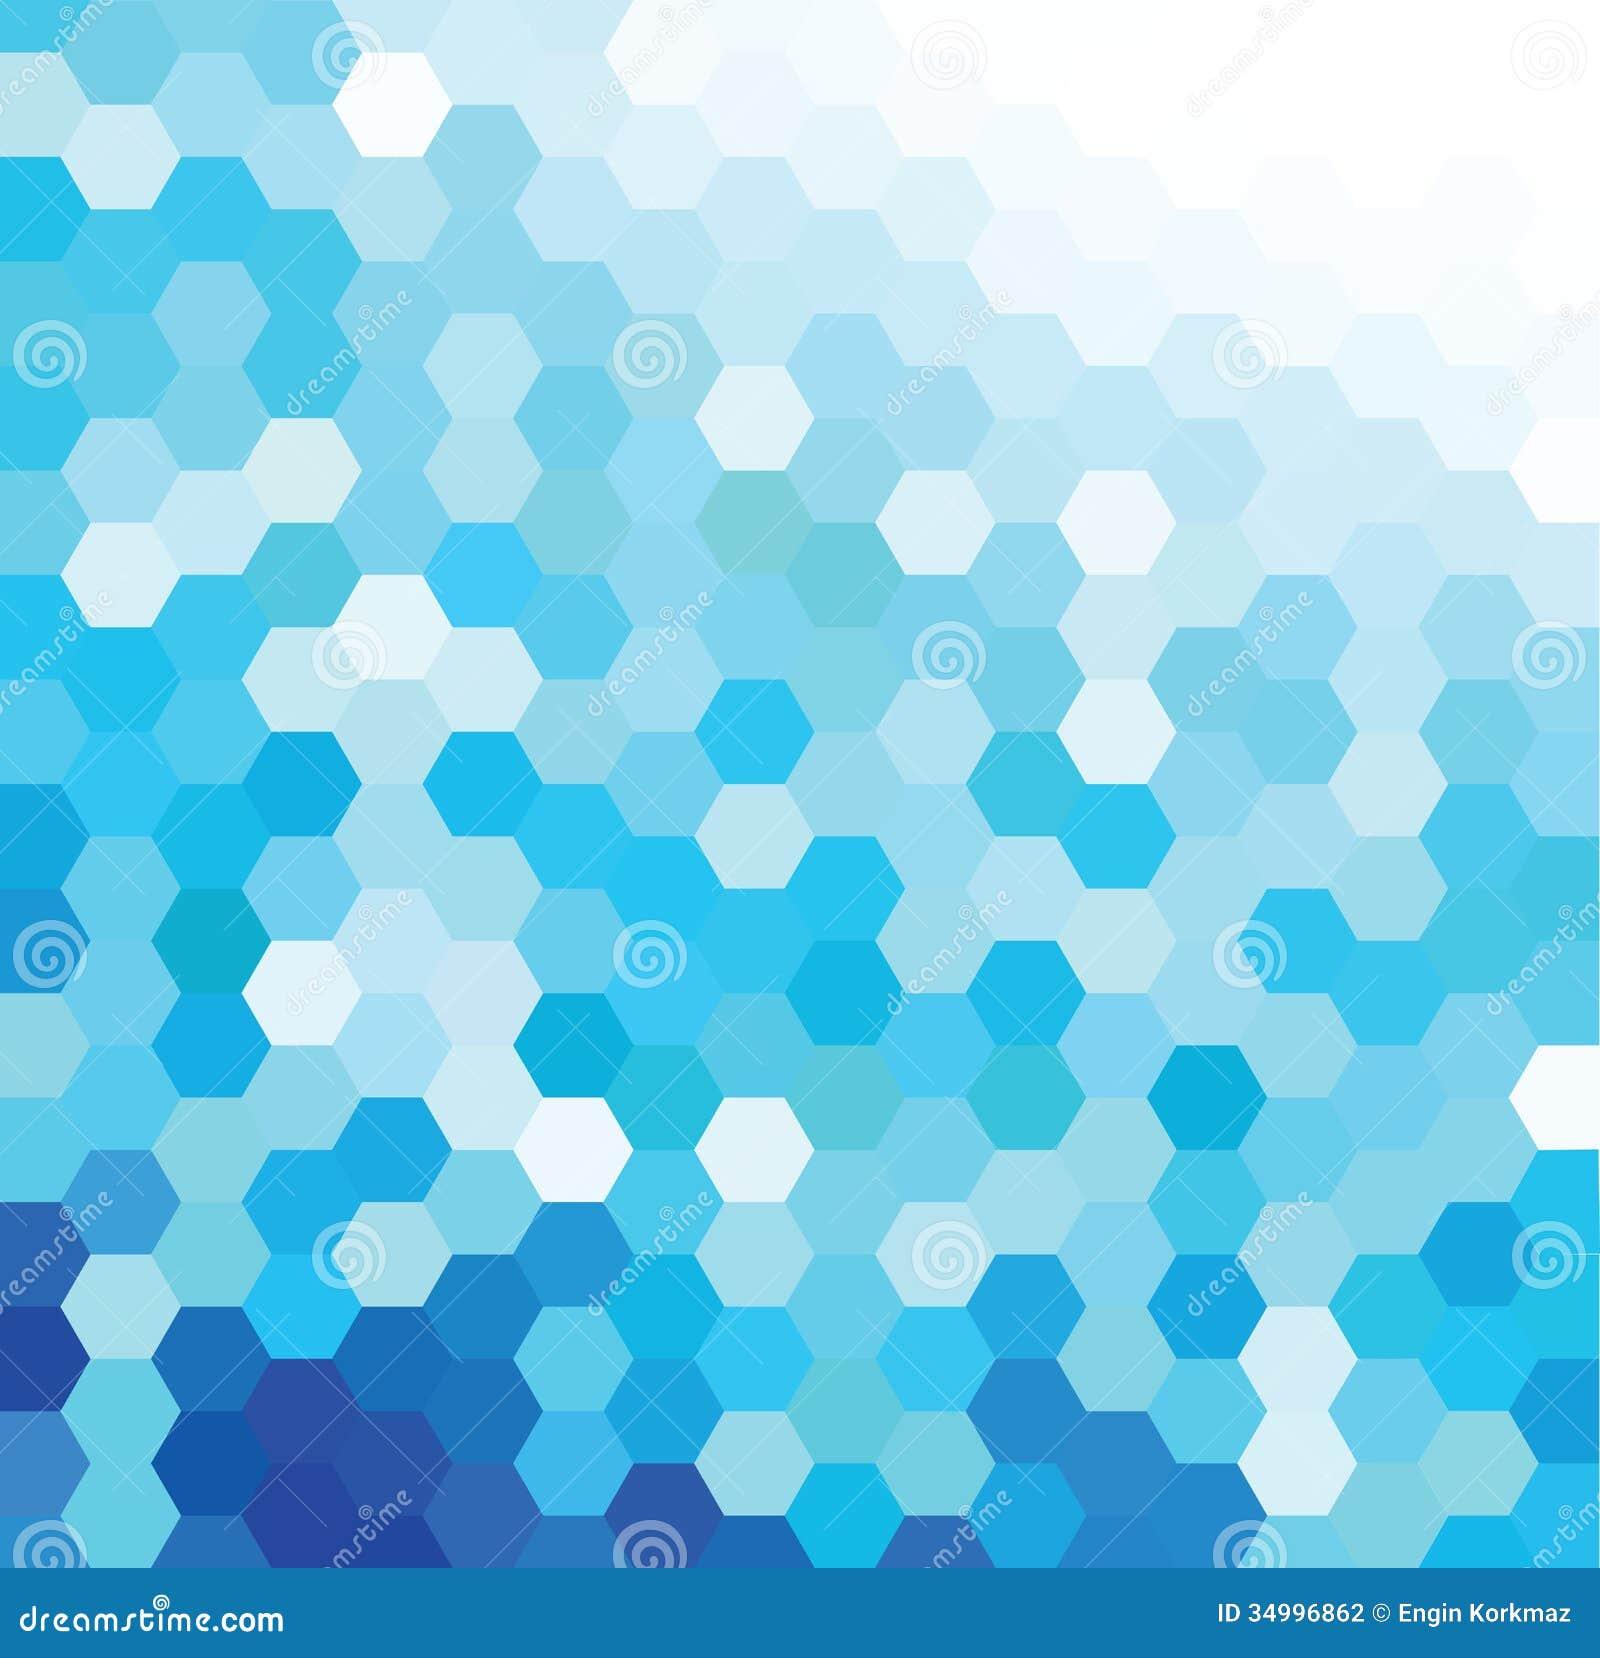 blue hexagonal pattern vector - photo #2